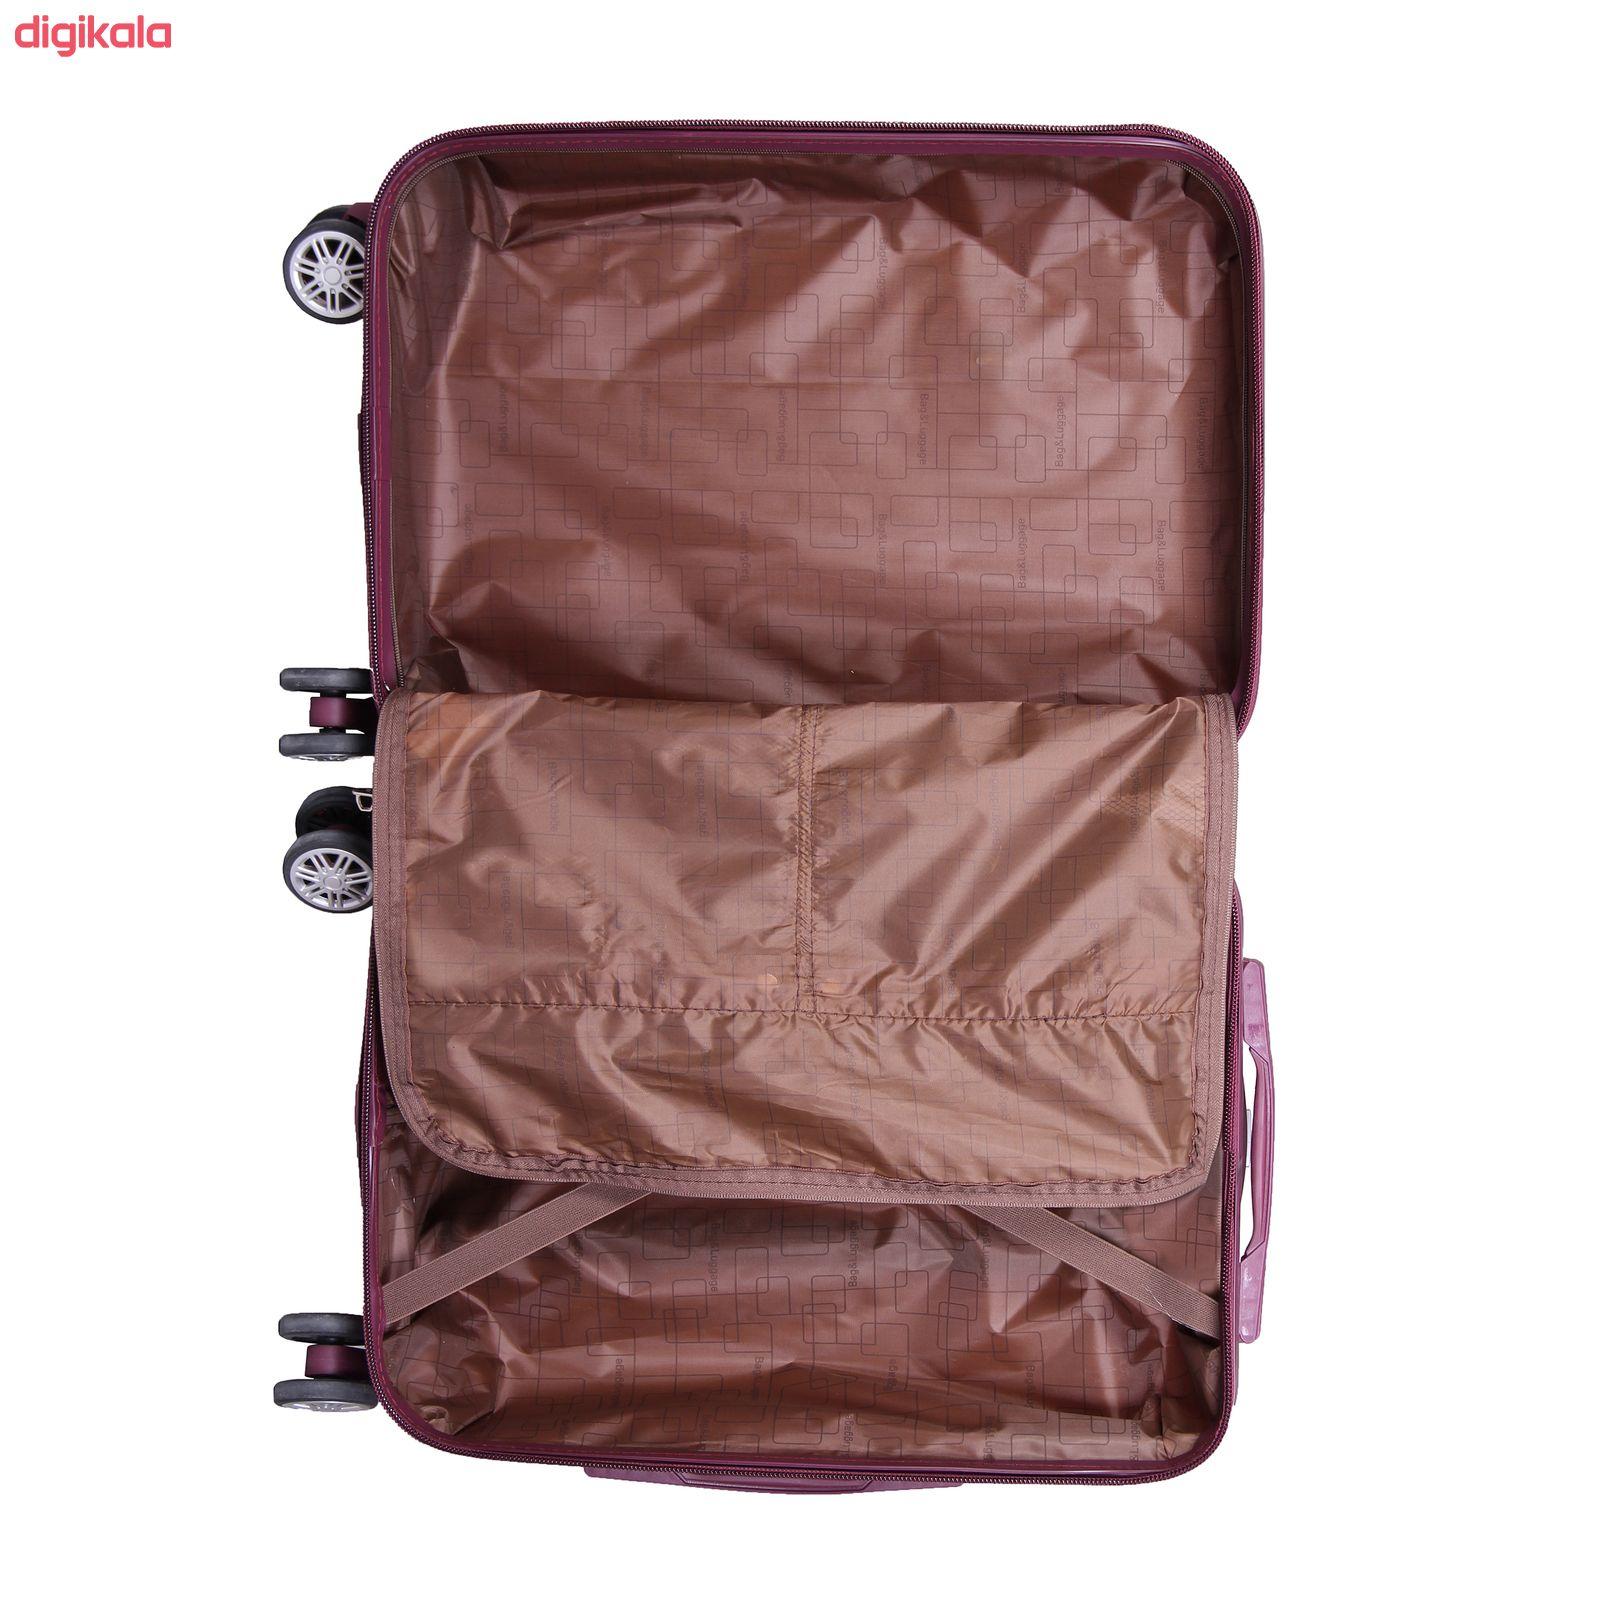 مجموعه چهار عددی چمدان مدل 319363 main 1 25